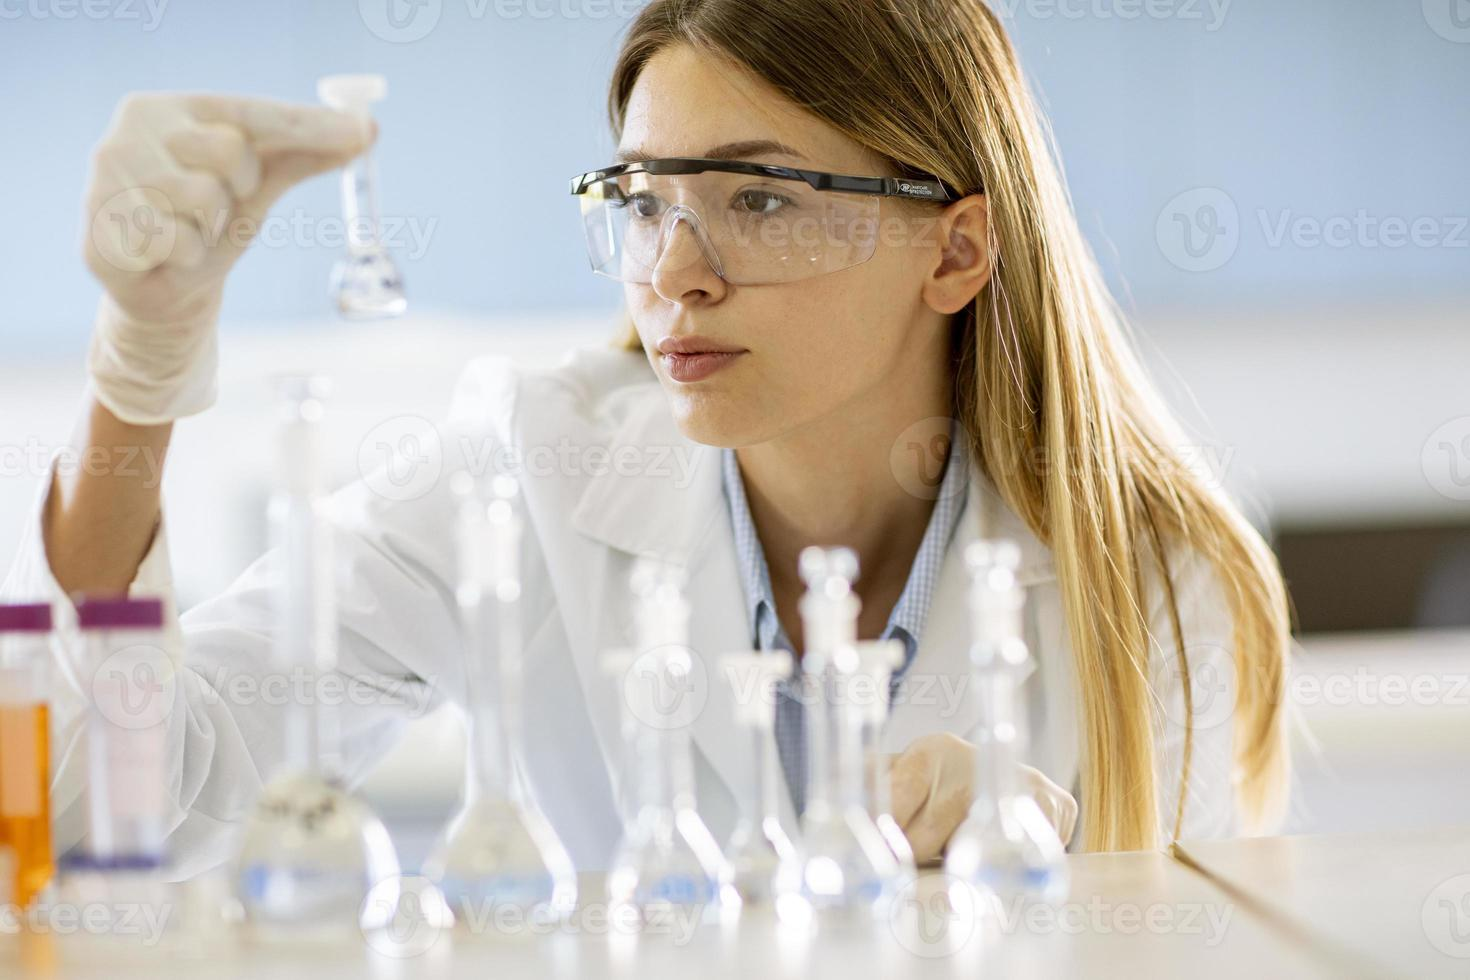 vrouwelijke medisch of wetenschappelijk onderzoeker kolven met oplossingen in een laboratorium kijken foto